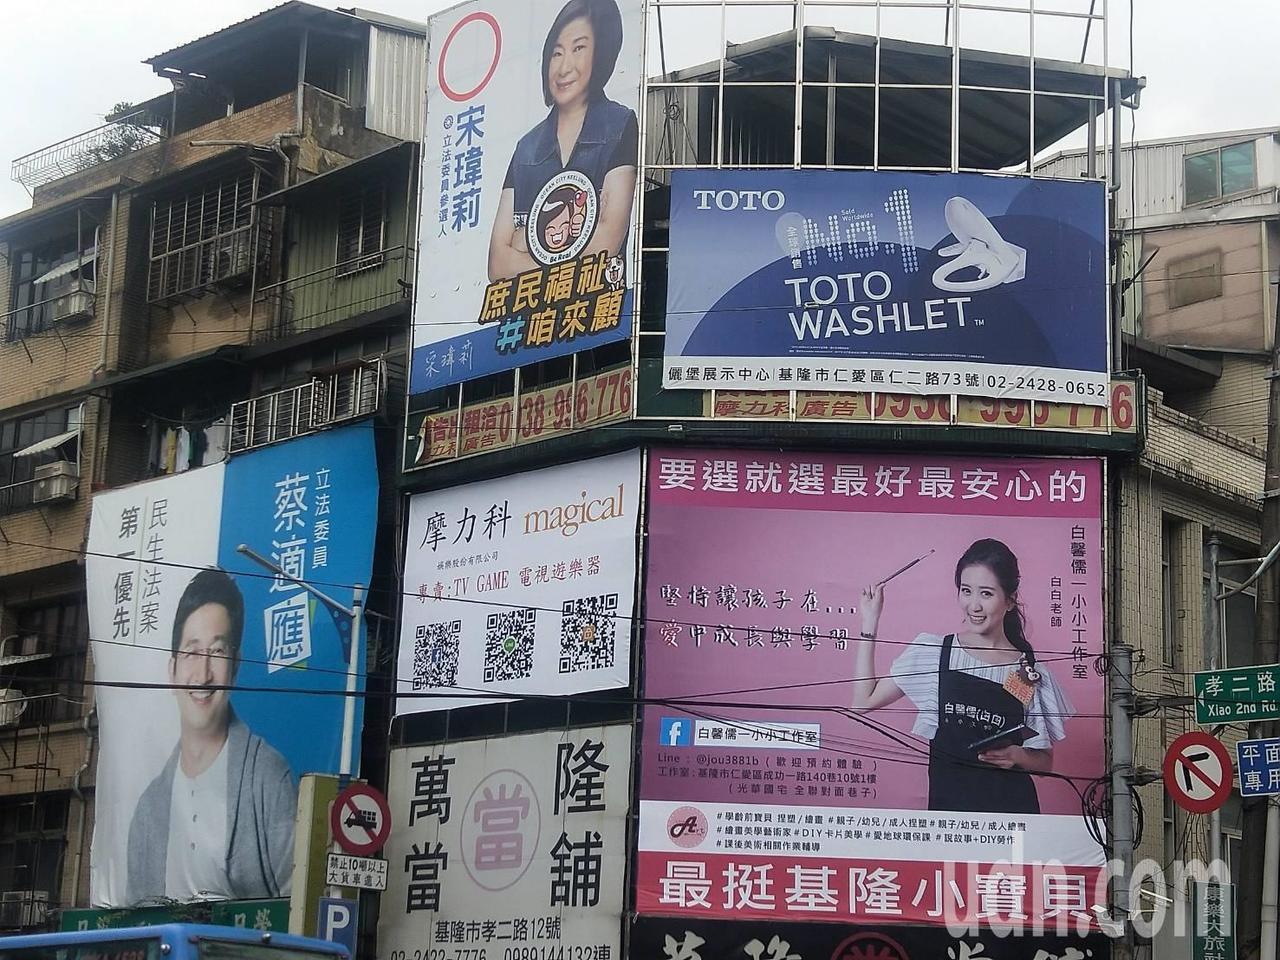 美女反毒大使搶選舉牆目光,網友:怎麼不是她選?記者游明煌/攝影